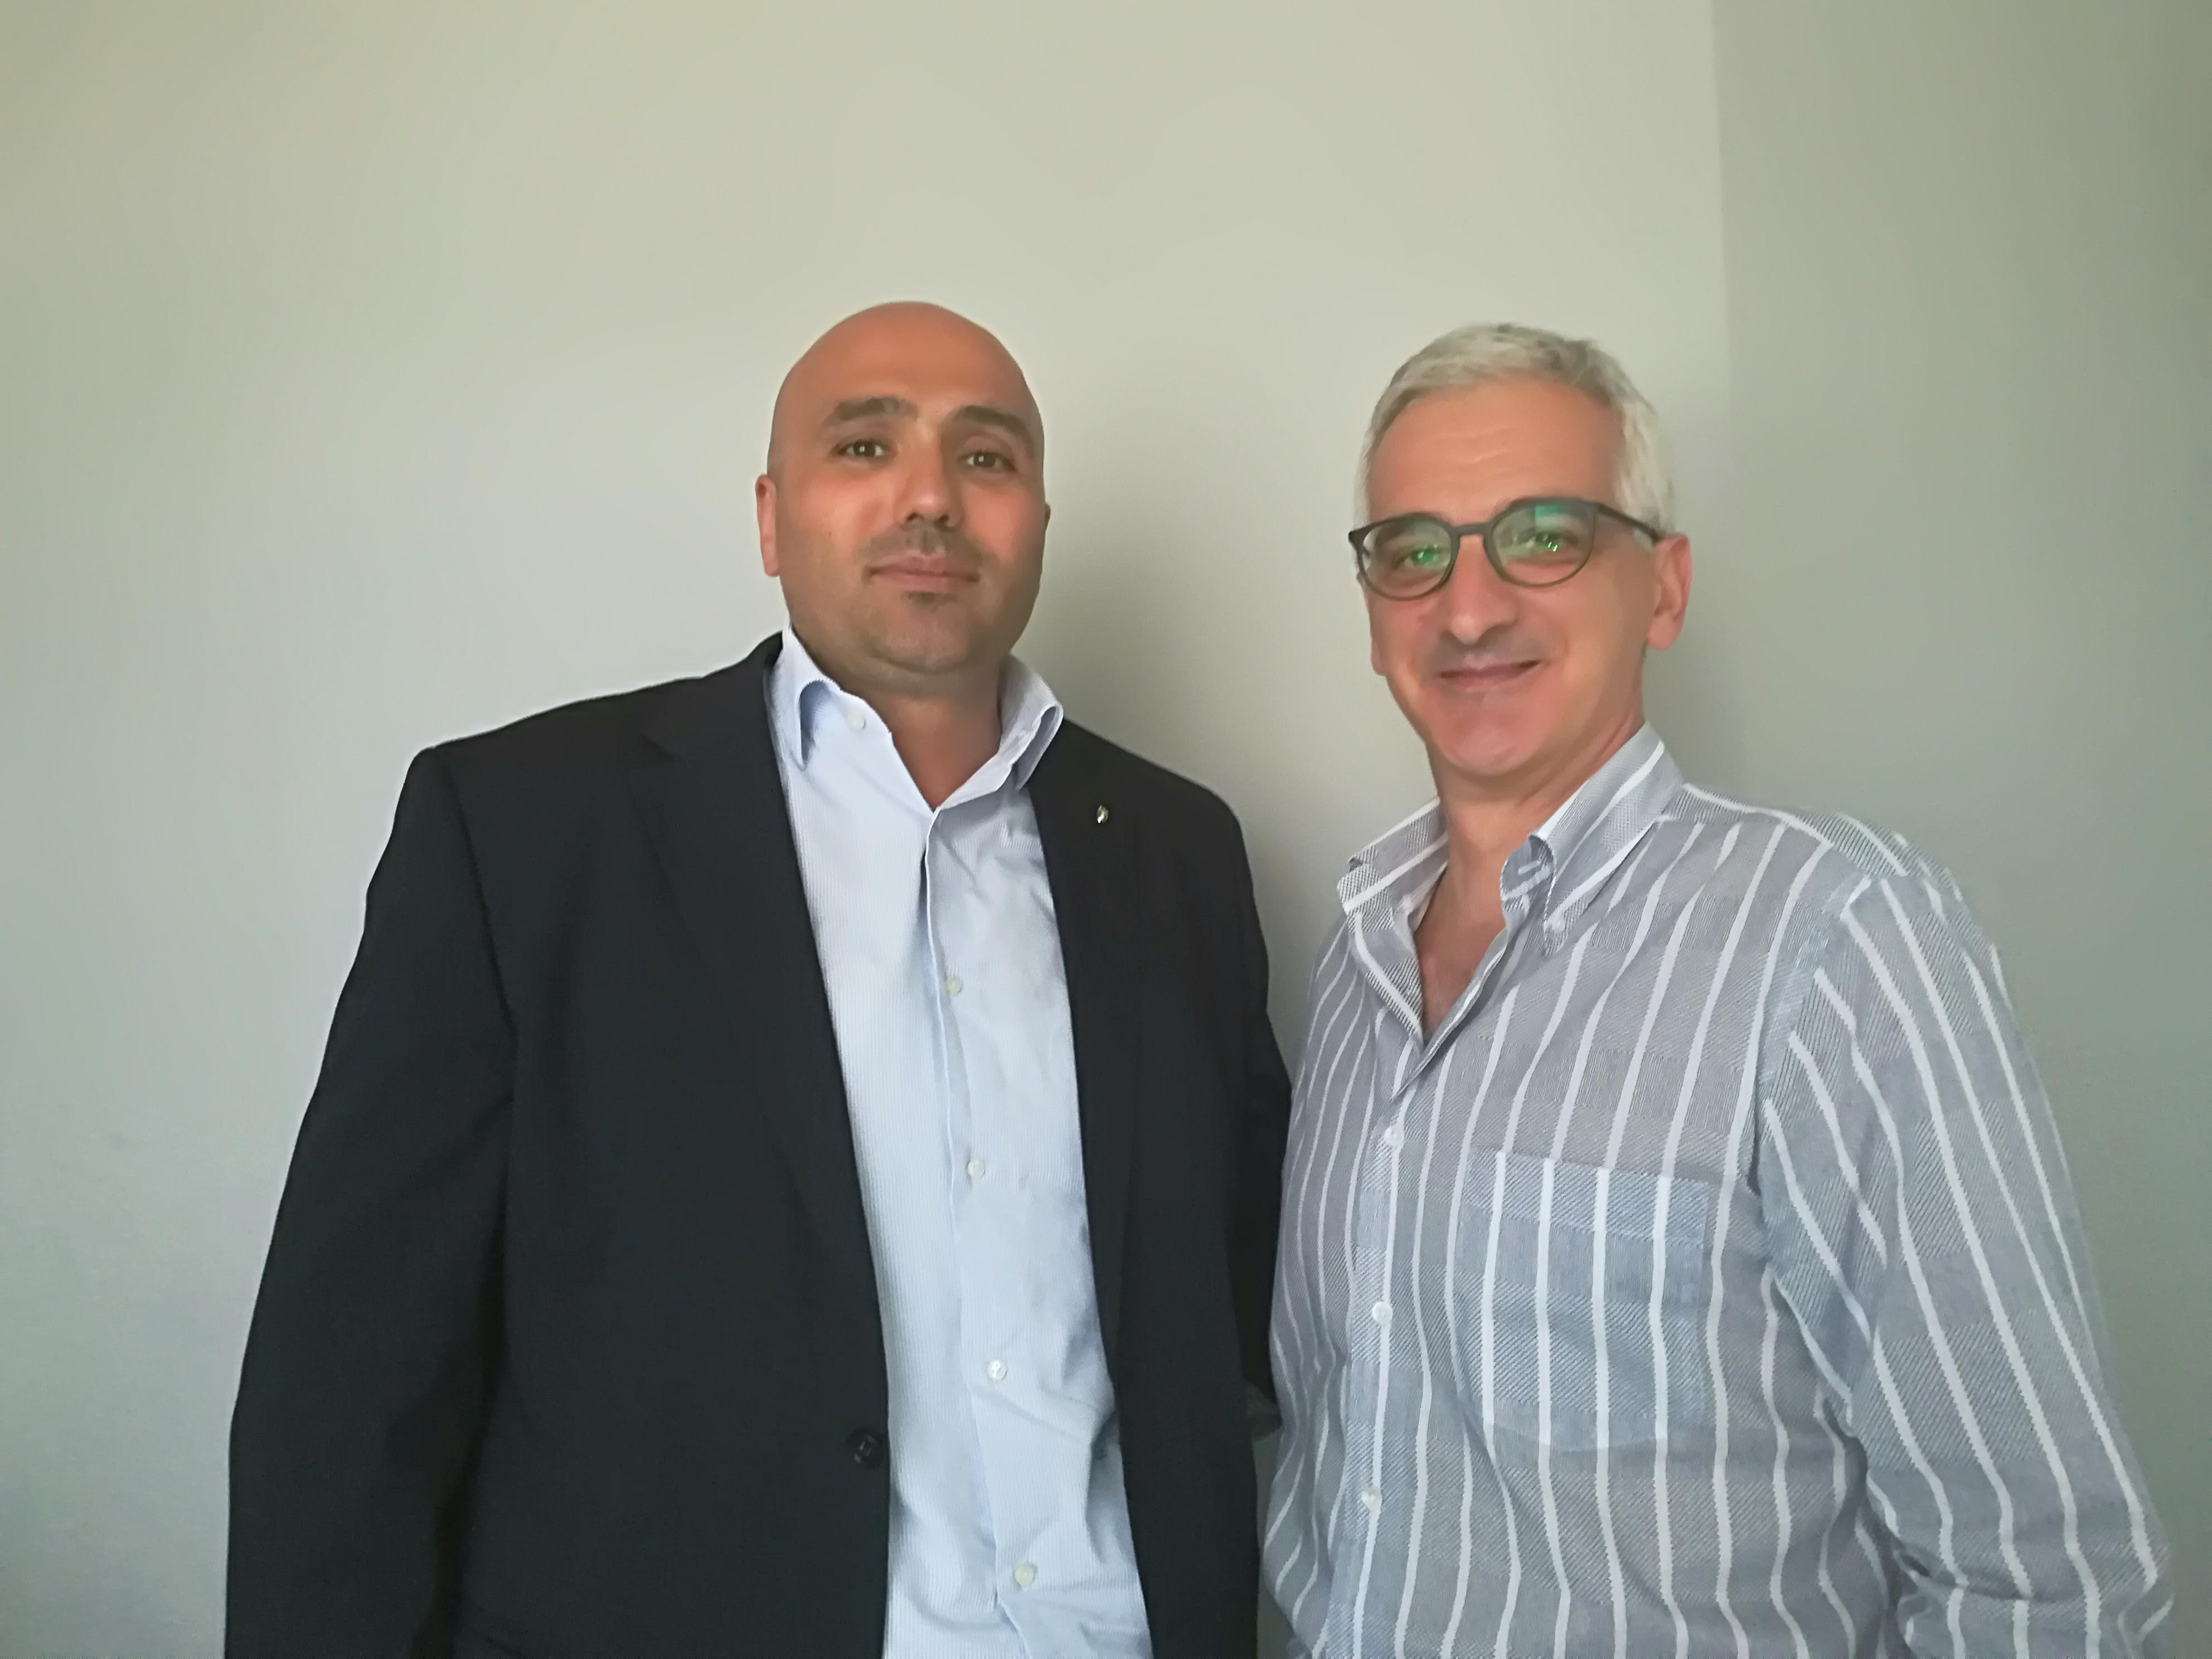 Nello Gaito, presidente dell'Atletico Vitalica, con Carmine Zigarelli, presidente C.R. Campania